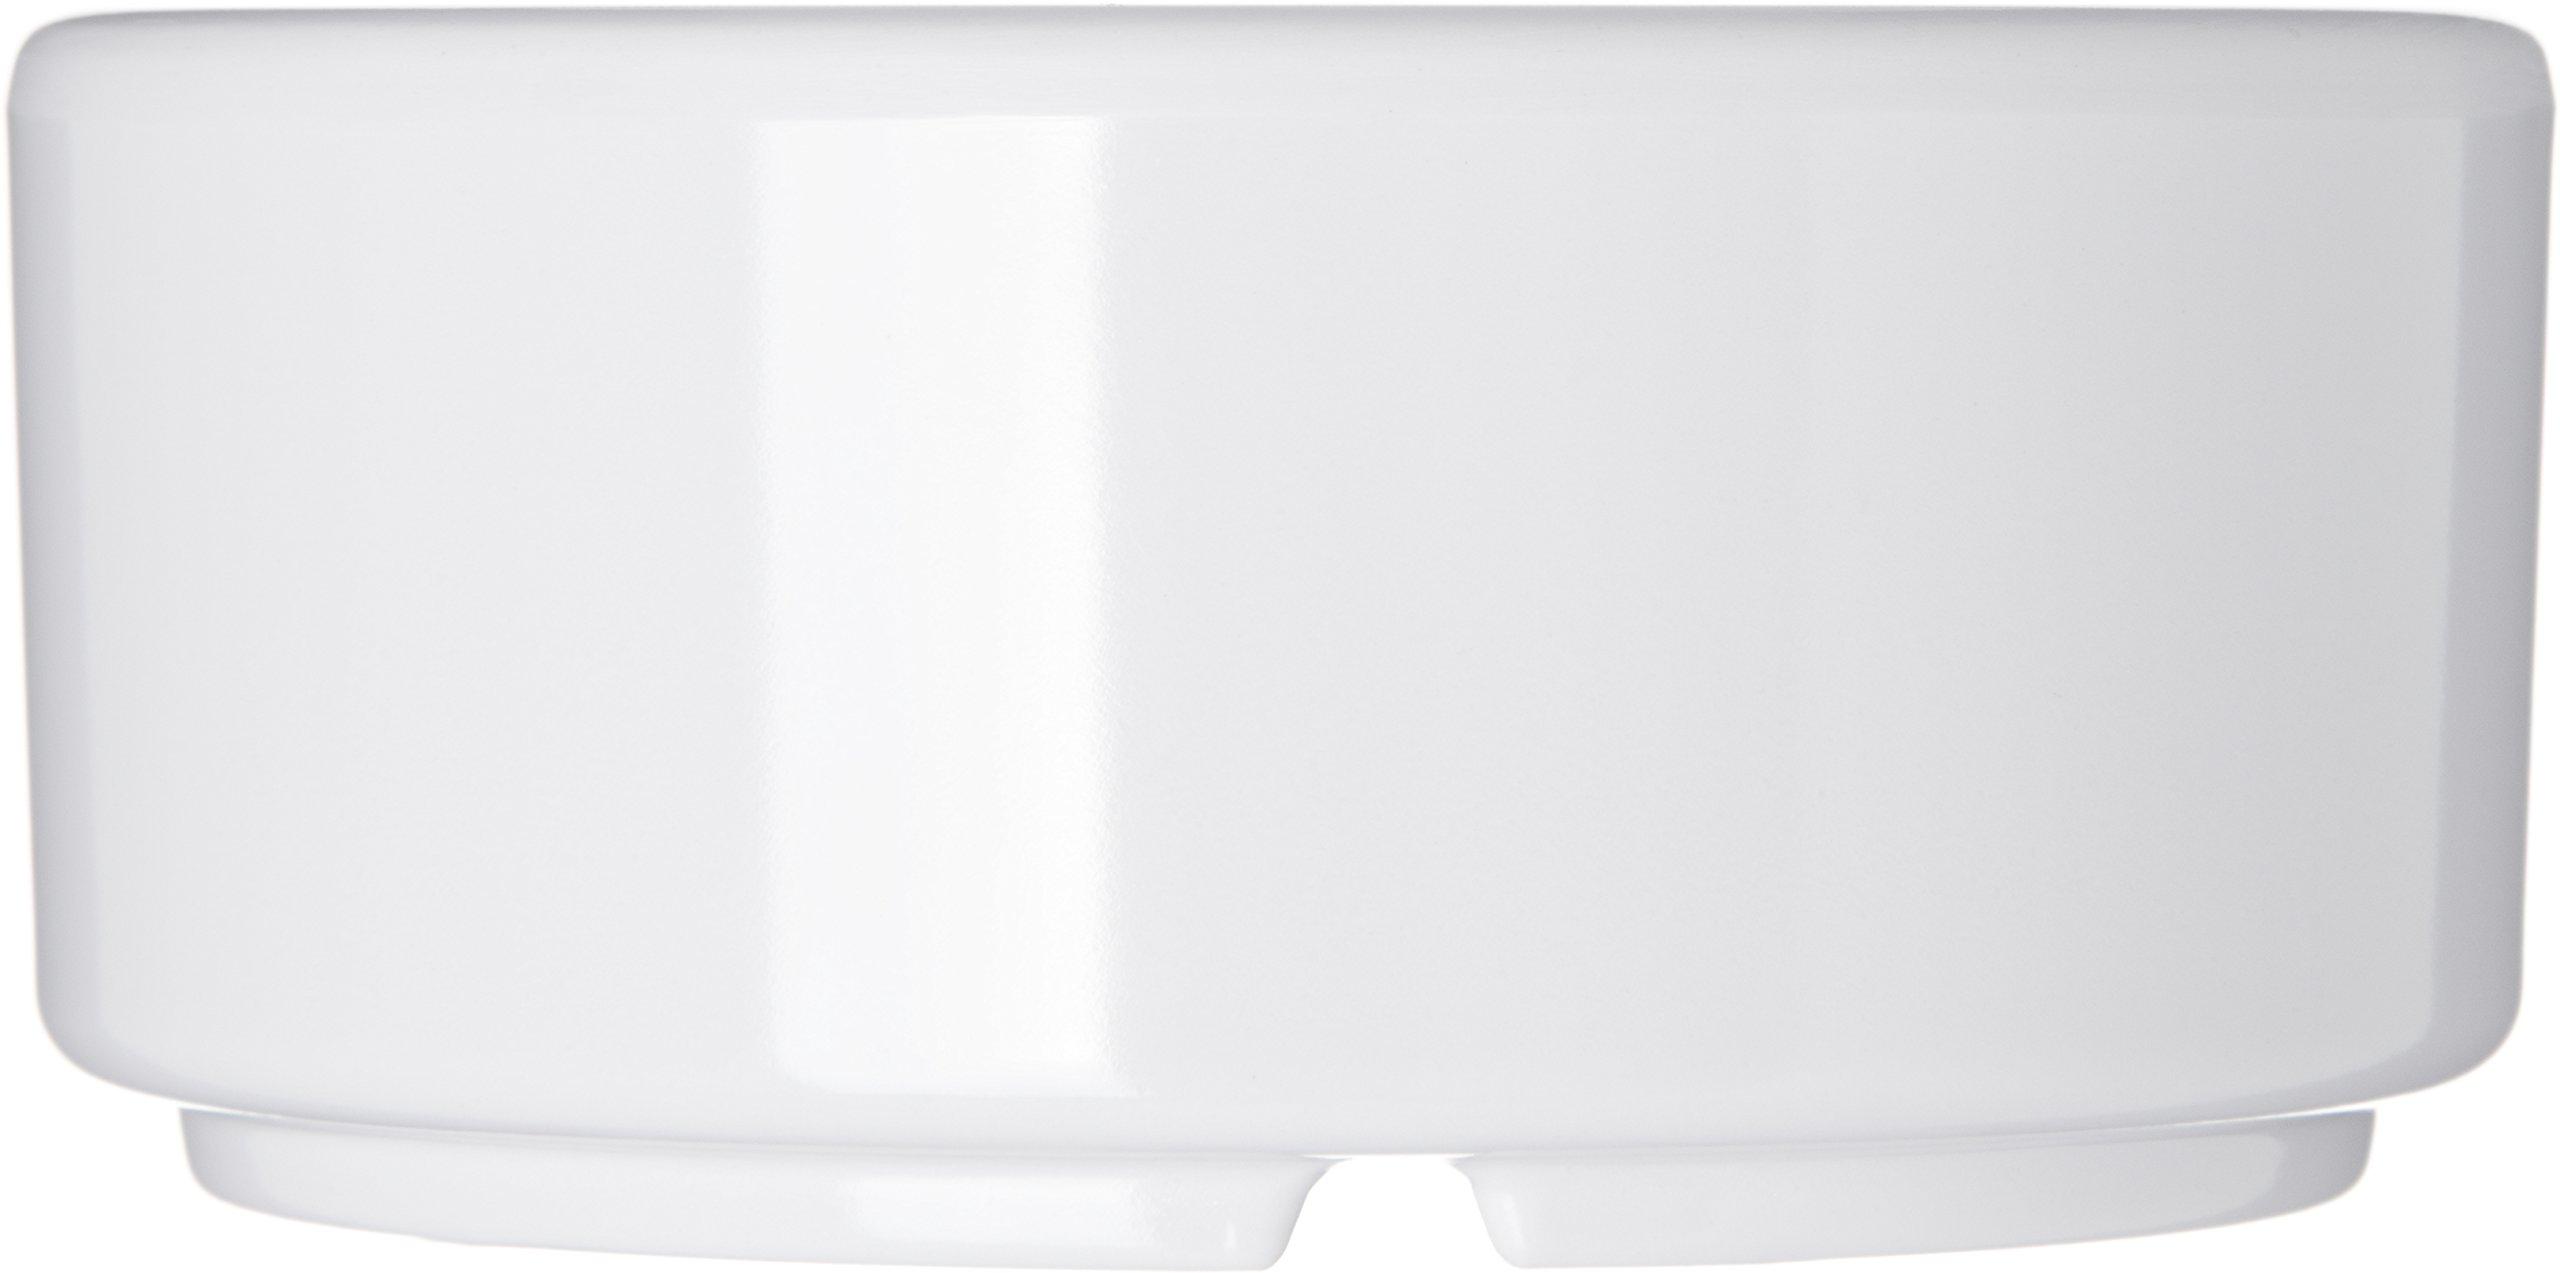 Carlisle 41402 White Melamine Straight-Sided Ramekin (Case of 48) by Carlisle (Image #4)